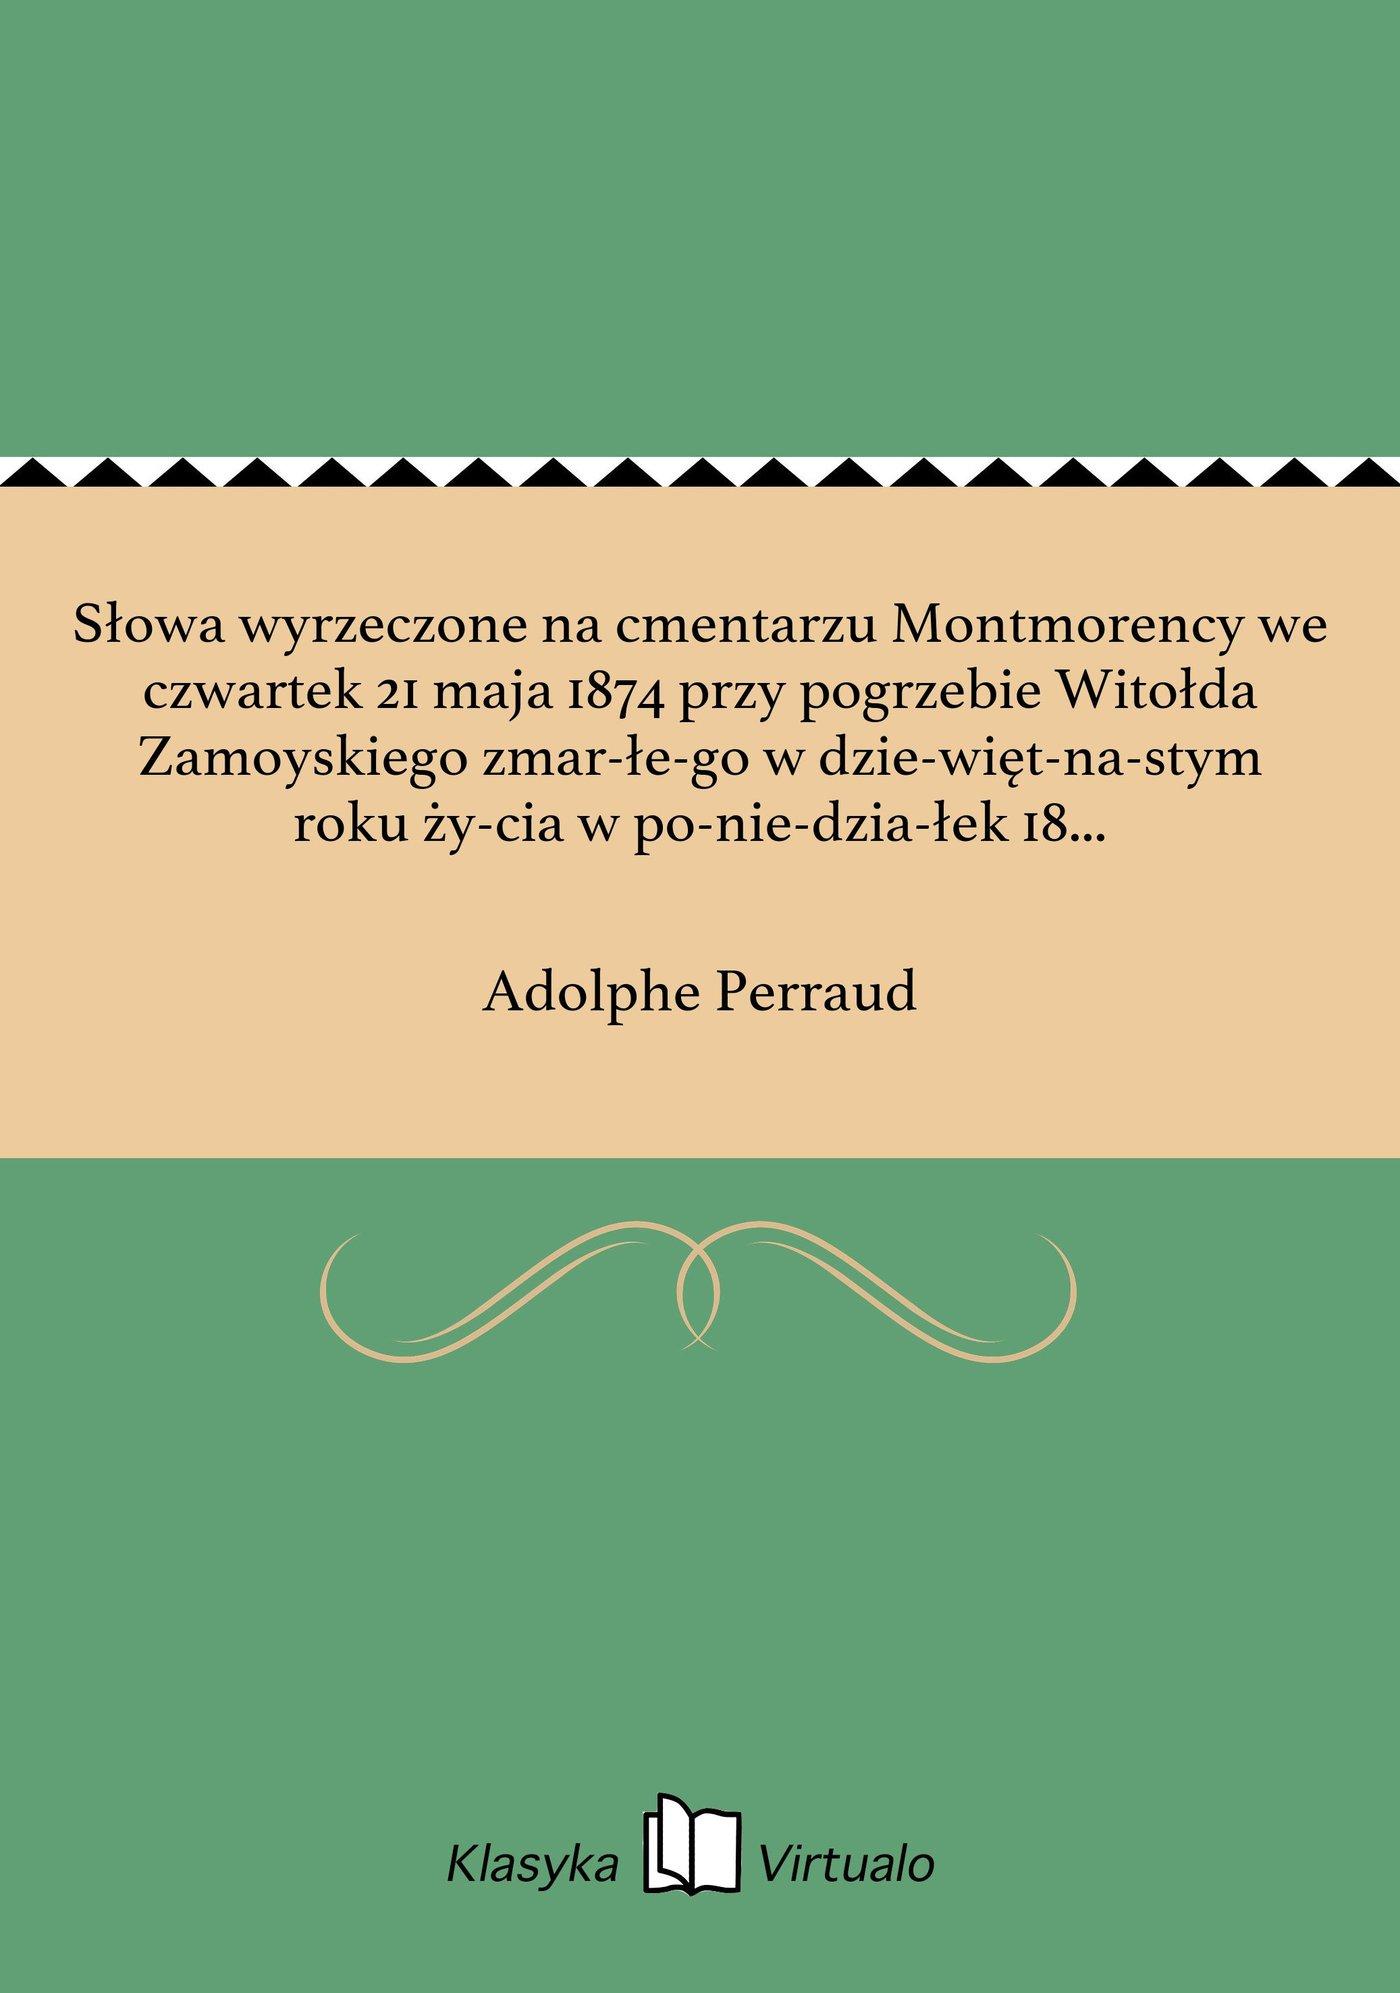 Słowa wyrzeczone na cmentarzu Montmorency we czwartek 21 maja 1874 przy pogrzebie Witołda Zamoyskiego zmarłego w dziewiętnastym roku życia w poniedziałek 18 maja - Ebook (Książka EPUB) do pobrania w formacie EPUB